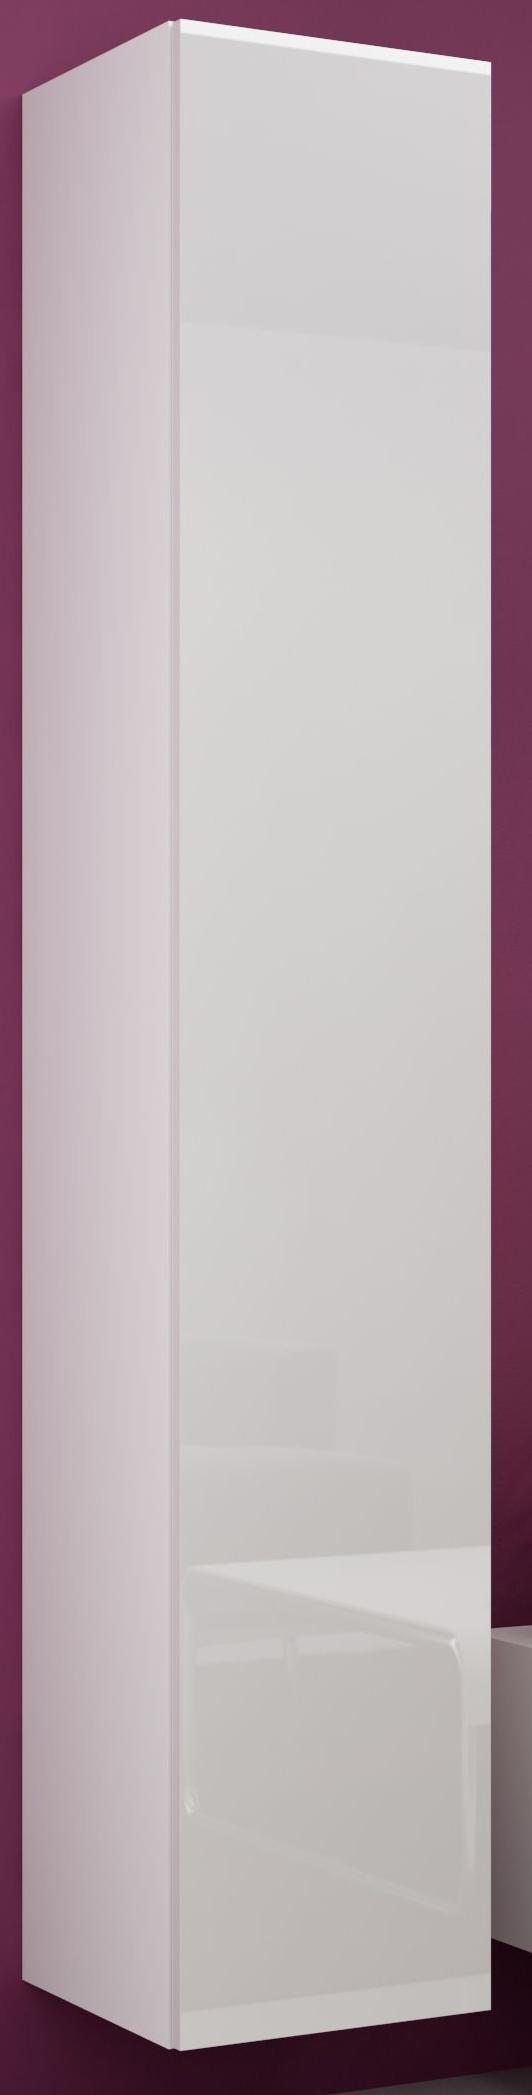 Skrinka na stenu - Famm - Vigo 180 plné dvierka biela